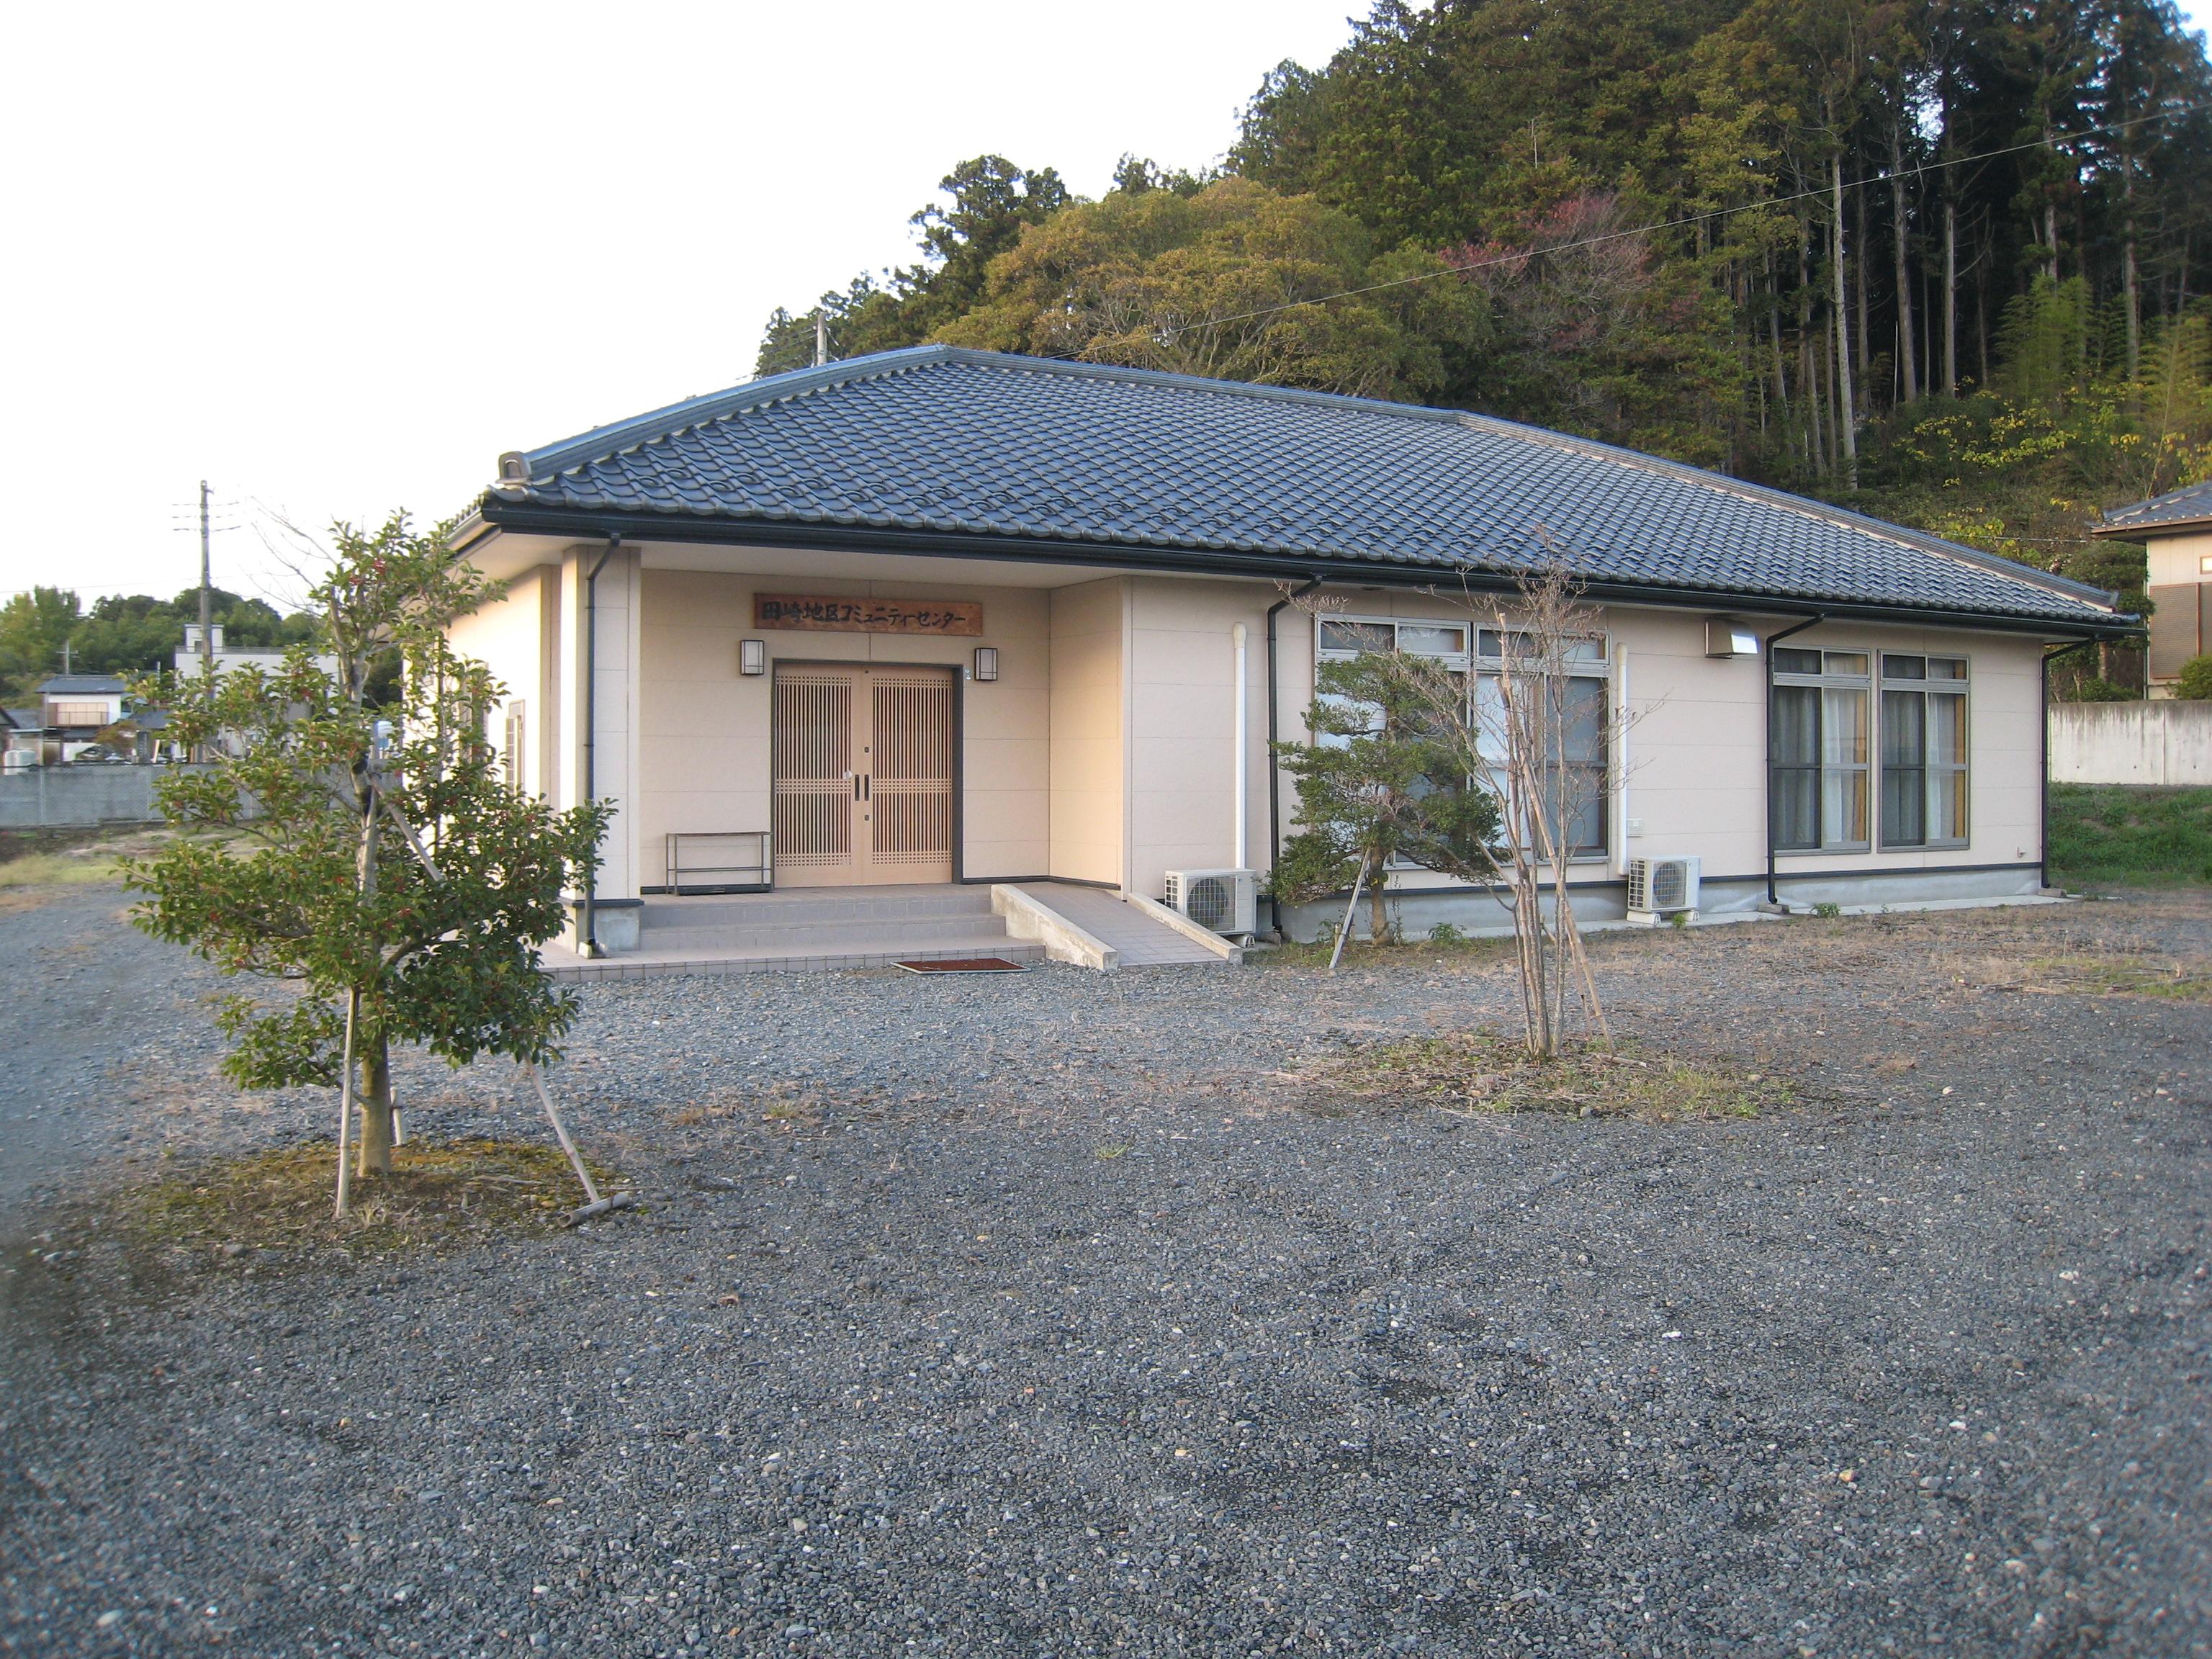 施設:⑭戸多第1投票区 田崎コミュニティセンター